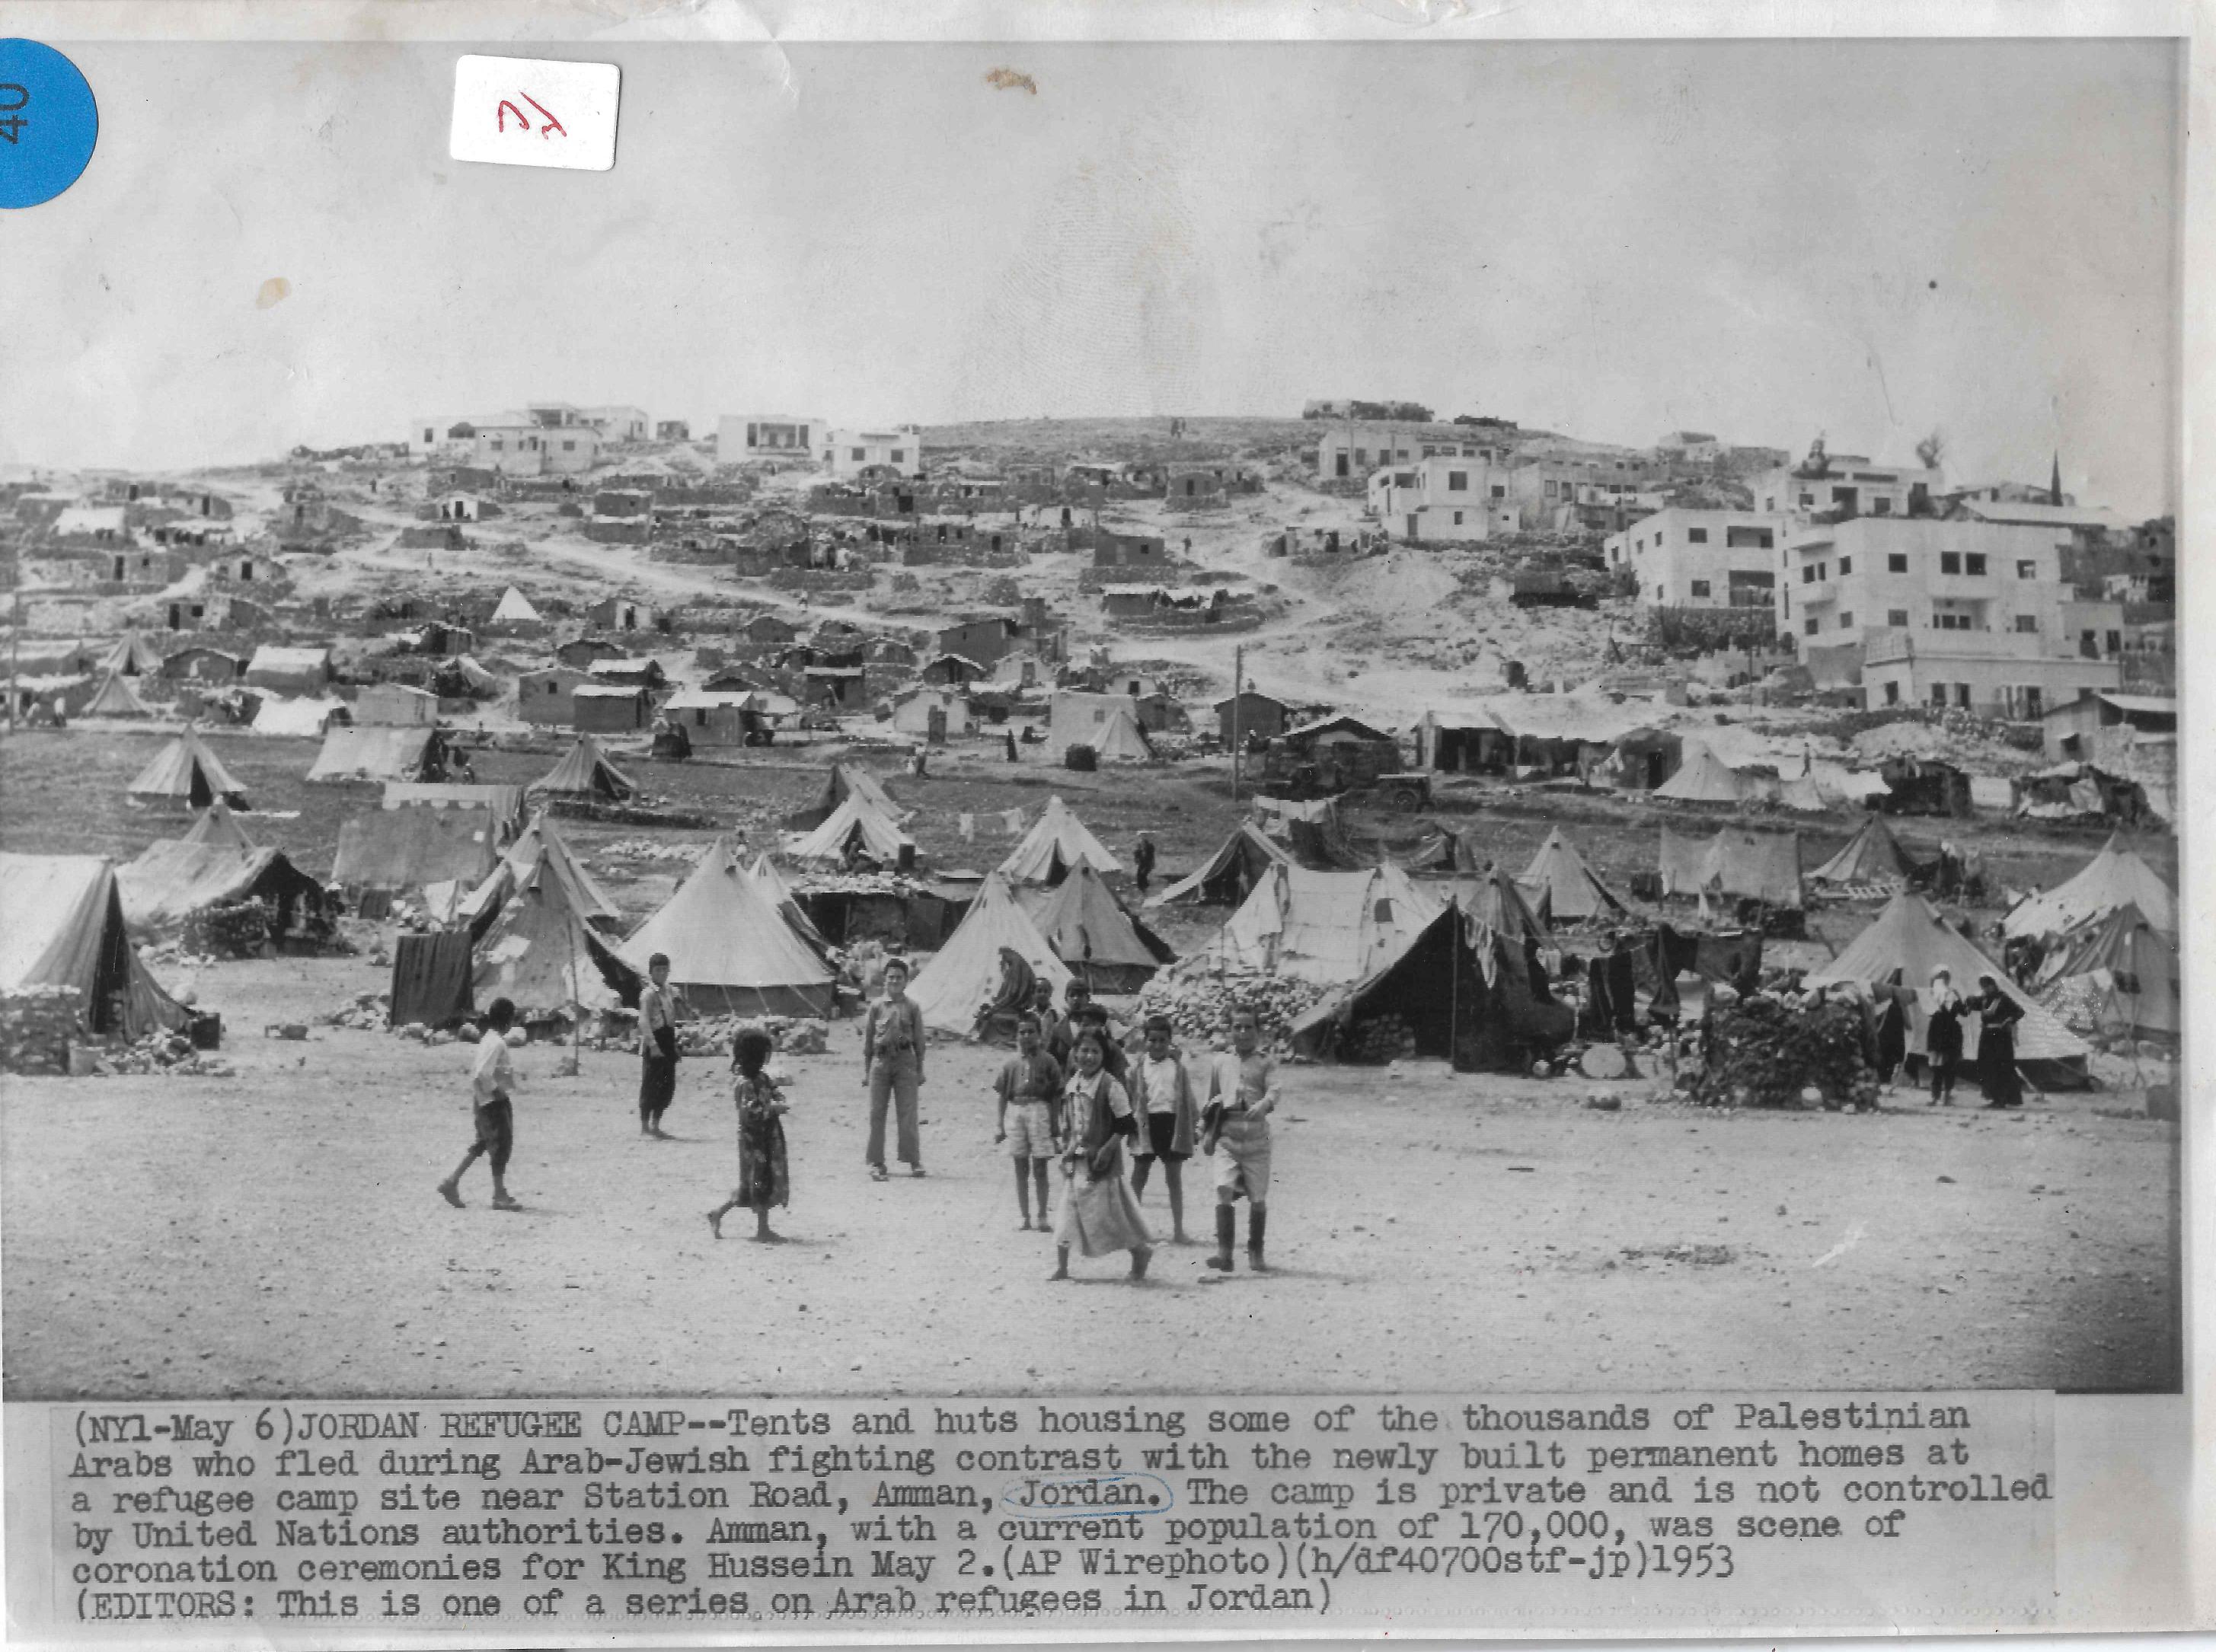 مخيمات اللاجئين الفلسطينيين في الاردن عام 1953.jpg